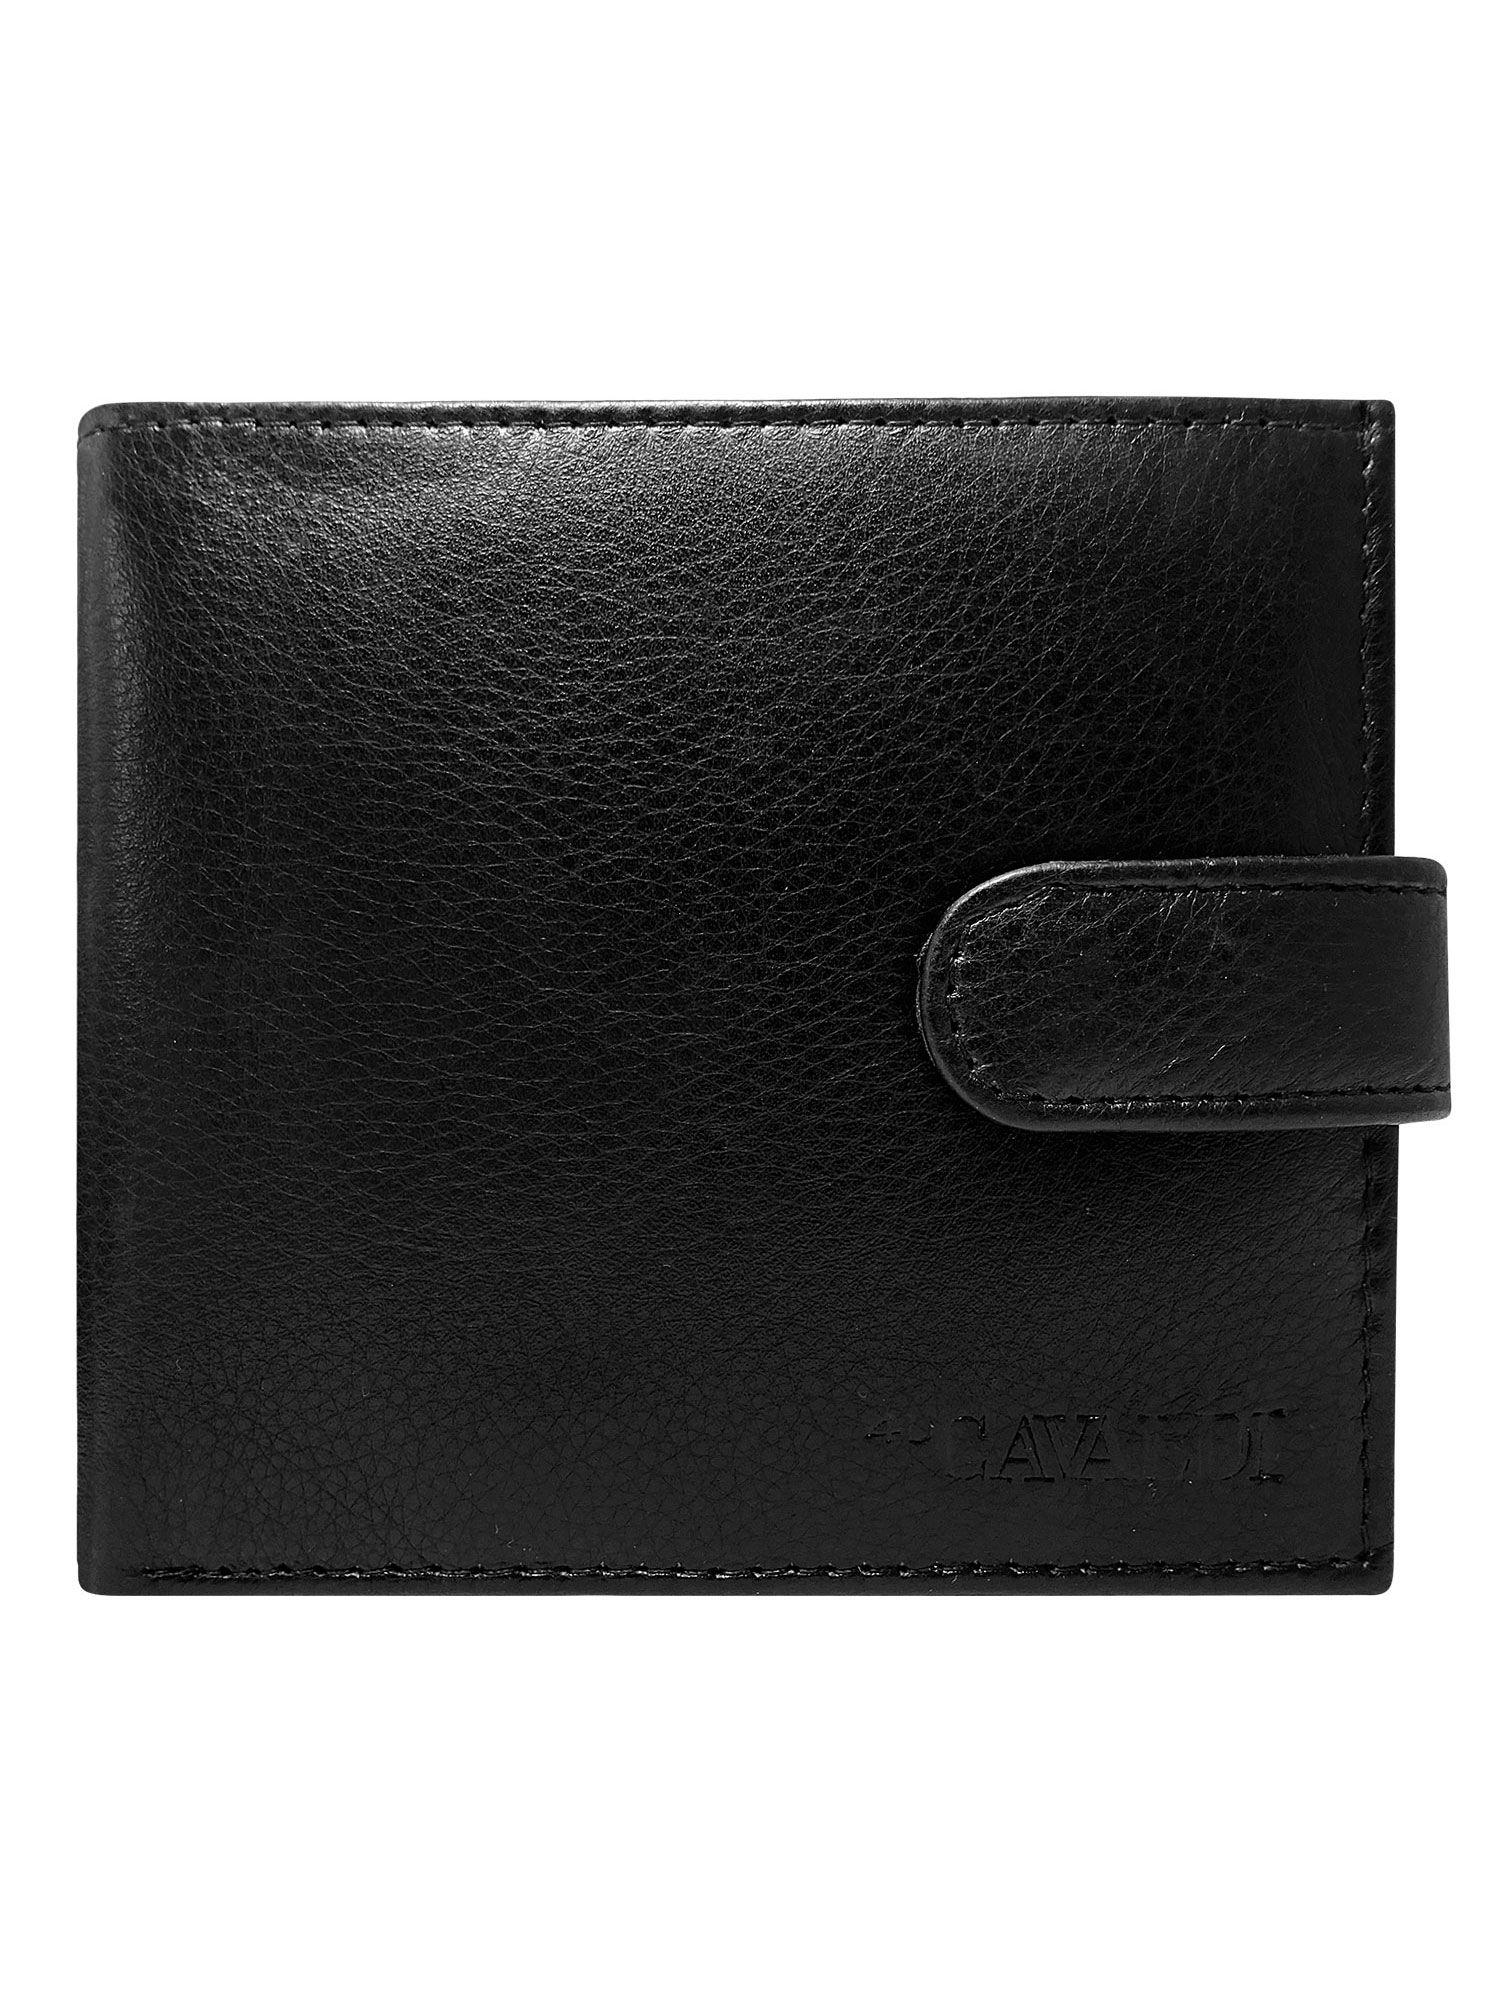 af425c8c391ee Męski czarny portfel skórzany - Mężczyźni portfel męski - sklep eButik.pl